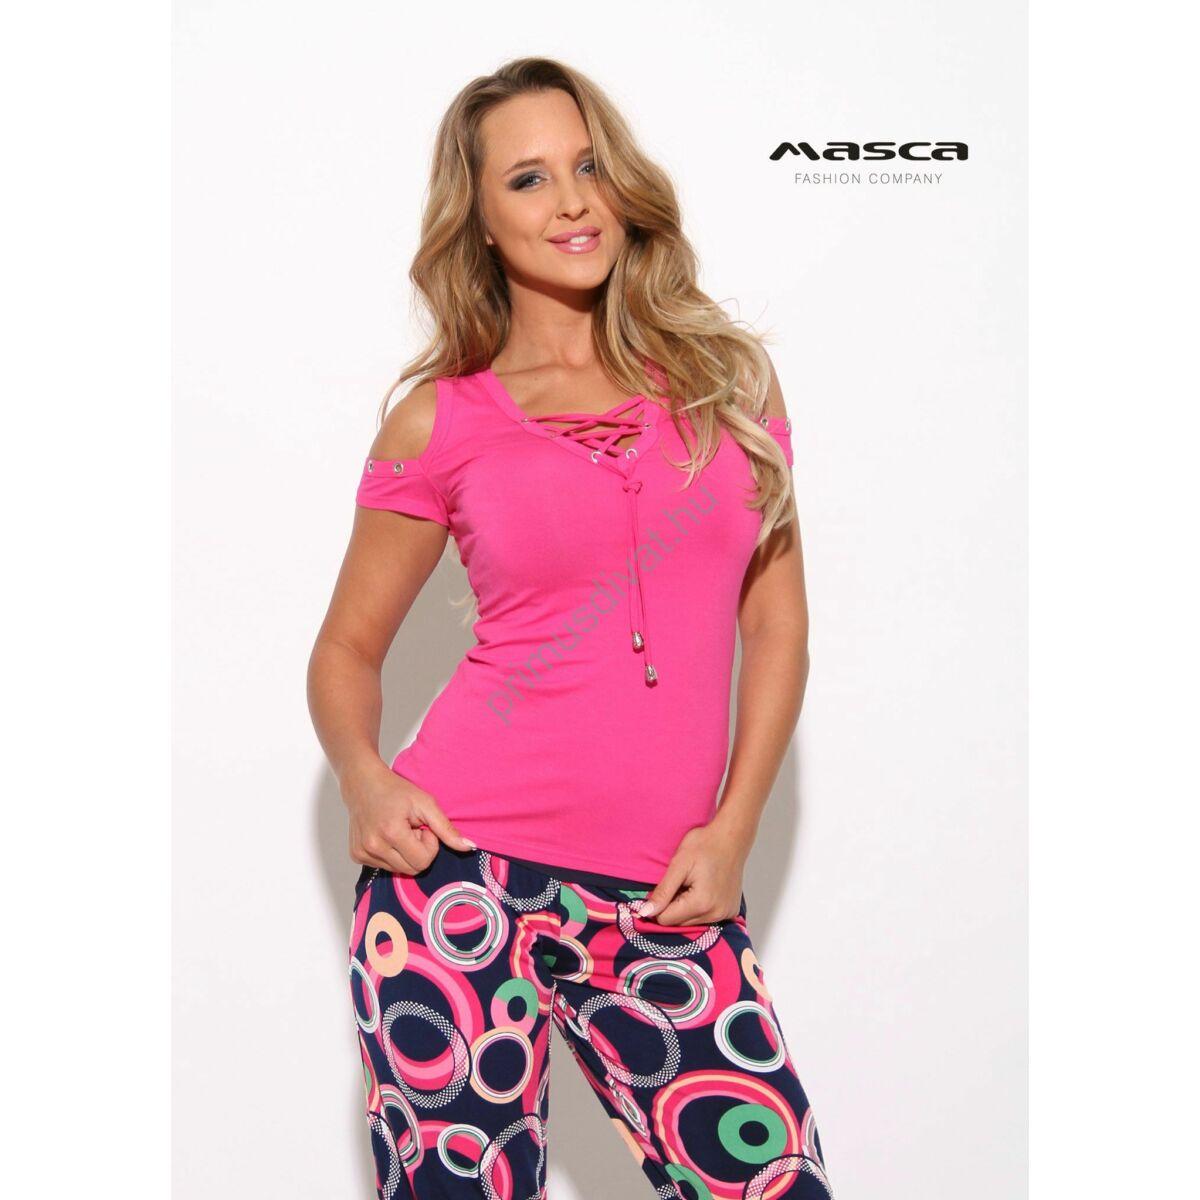 e840146645 Kép 1/1 - Masca Fashion fűzős V-nyakú, nyitott vállú rövid ujjú pink felső